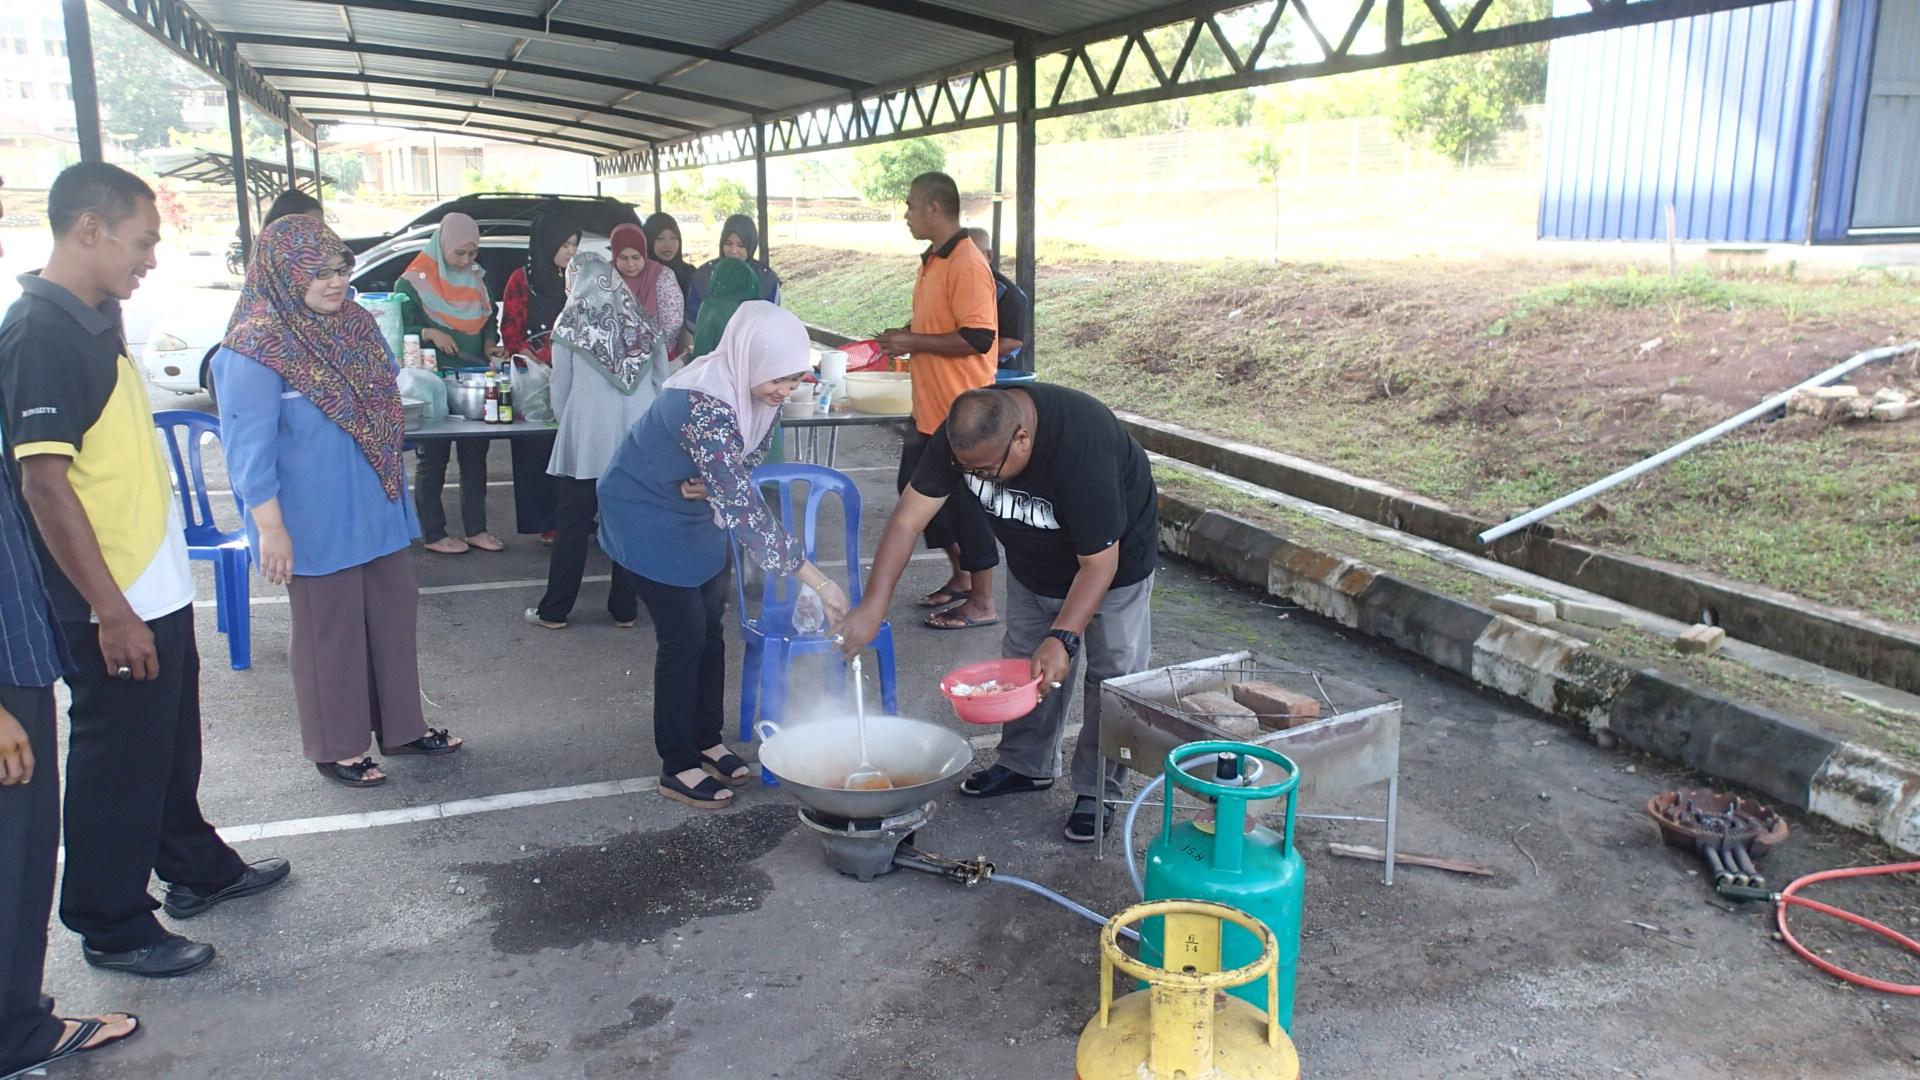 Program Gotong Royong Perdana Membakar Lemang dan Memasak Rendang Bagi Sambutan Hari Raya Aidil Fitri JMG Pahang 2018